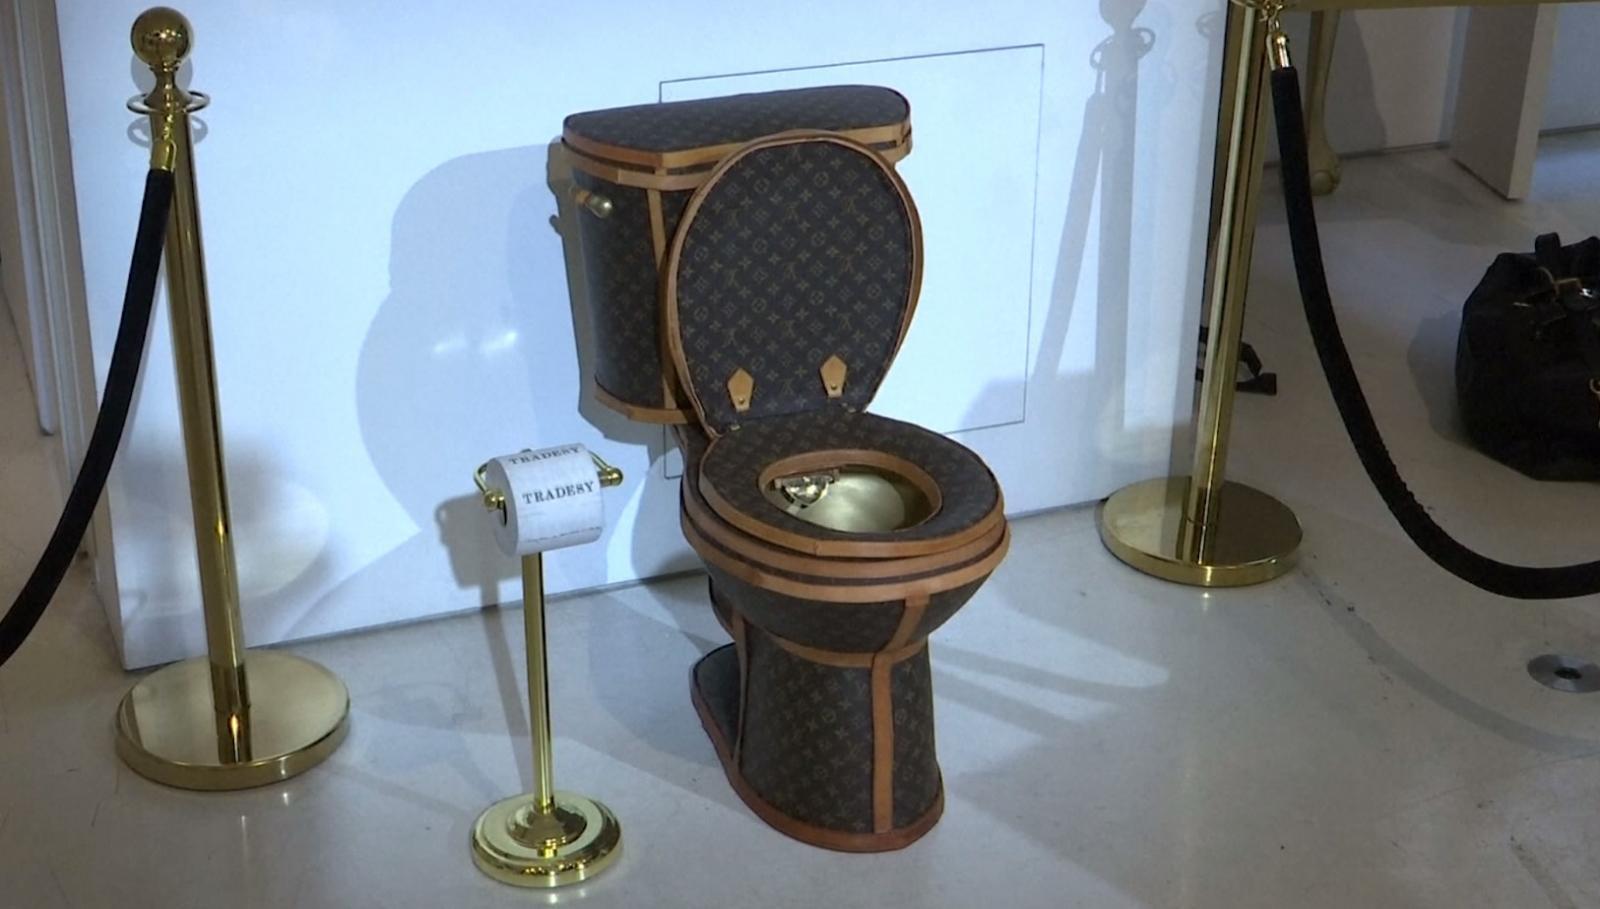 """สหรัฐฯ ขายโถส้วมทองคำบุหนัง """"หลุยส์ วิตตอง"""" ราคากว่า 3 ล้านบาท"""